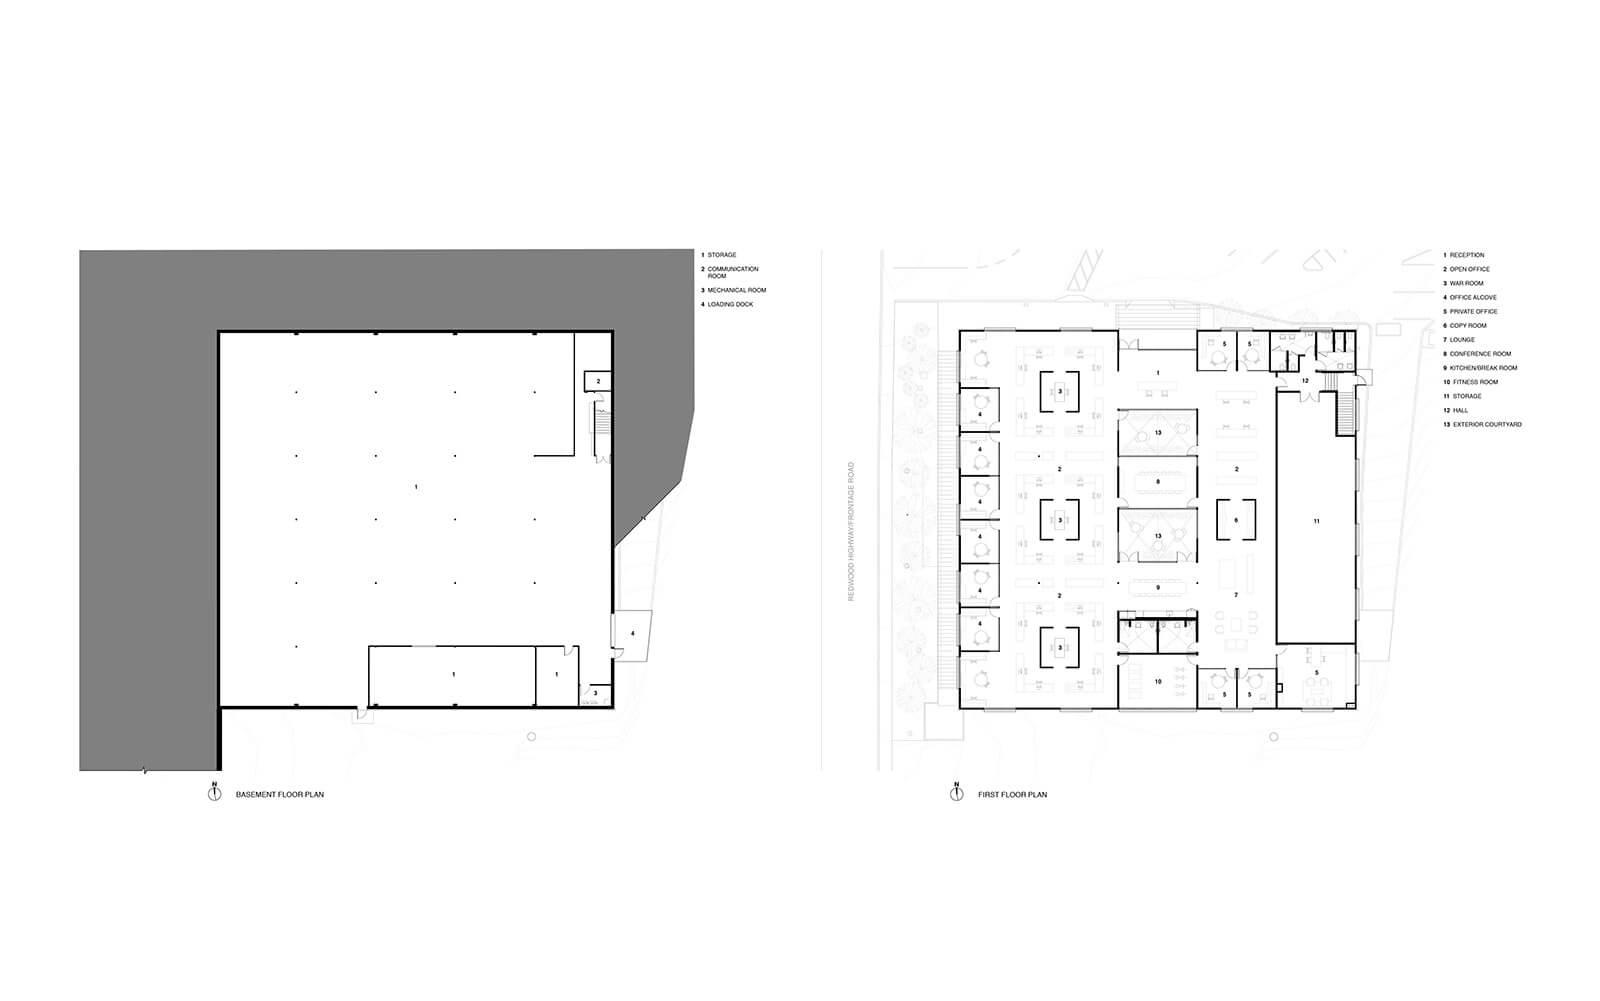 studio vara workplace redwood highway drawing floor plan